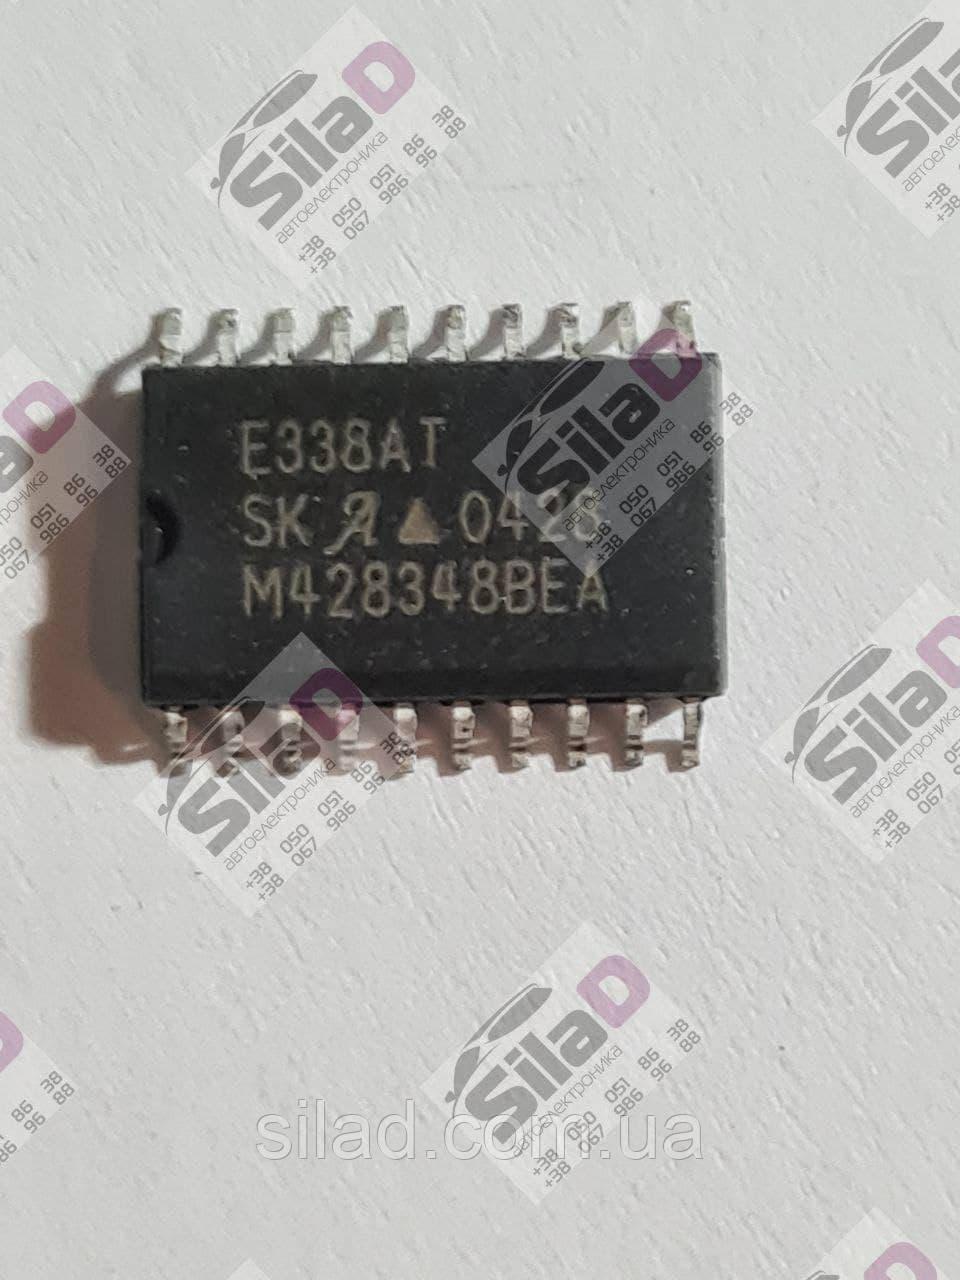 Микросхема E338AT Allegro корпус SOP20